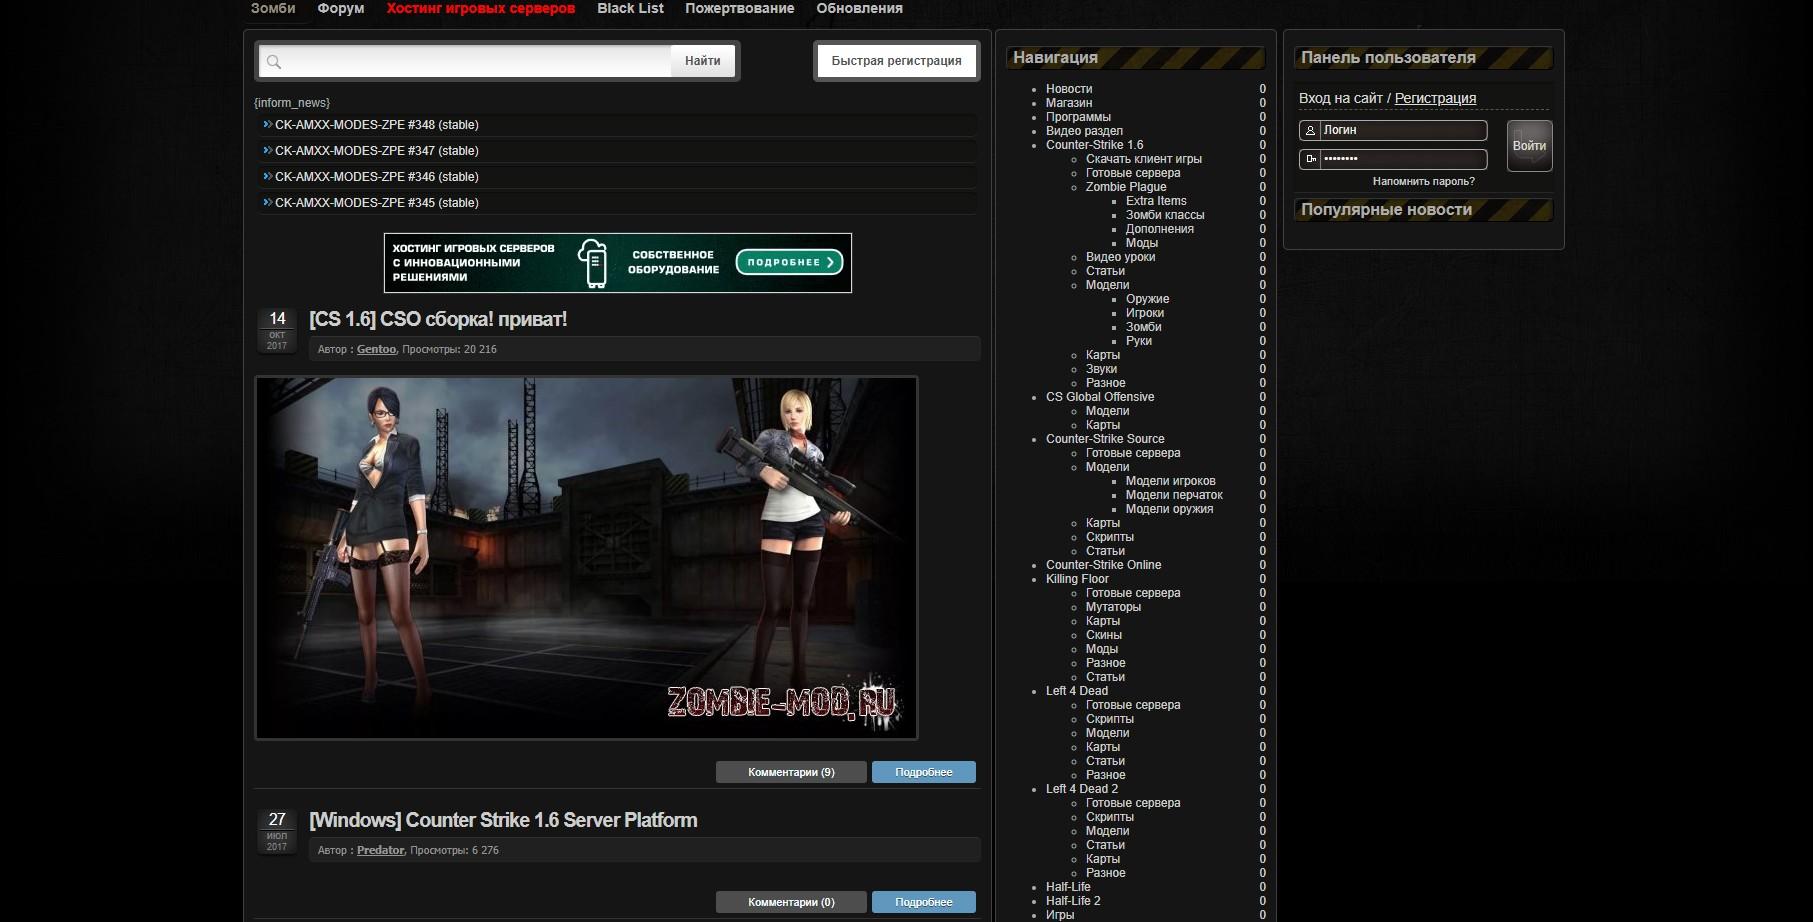 Бэкап сайта Zombie-mod.ru (Около 1000+ новостей)